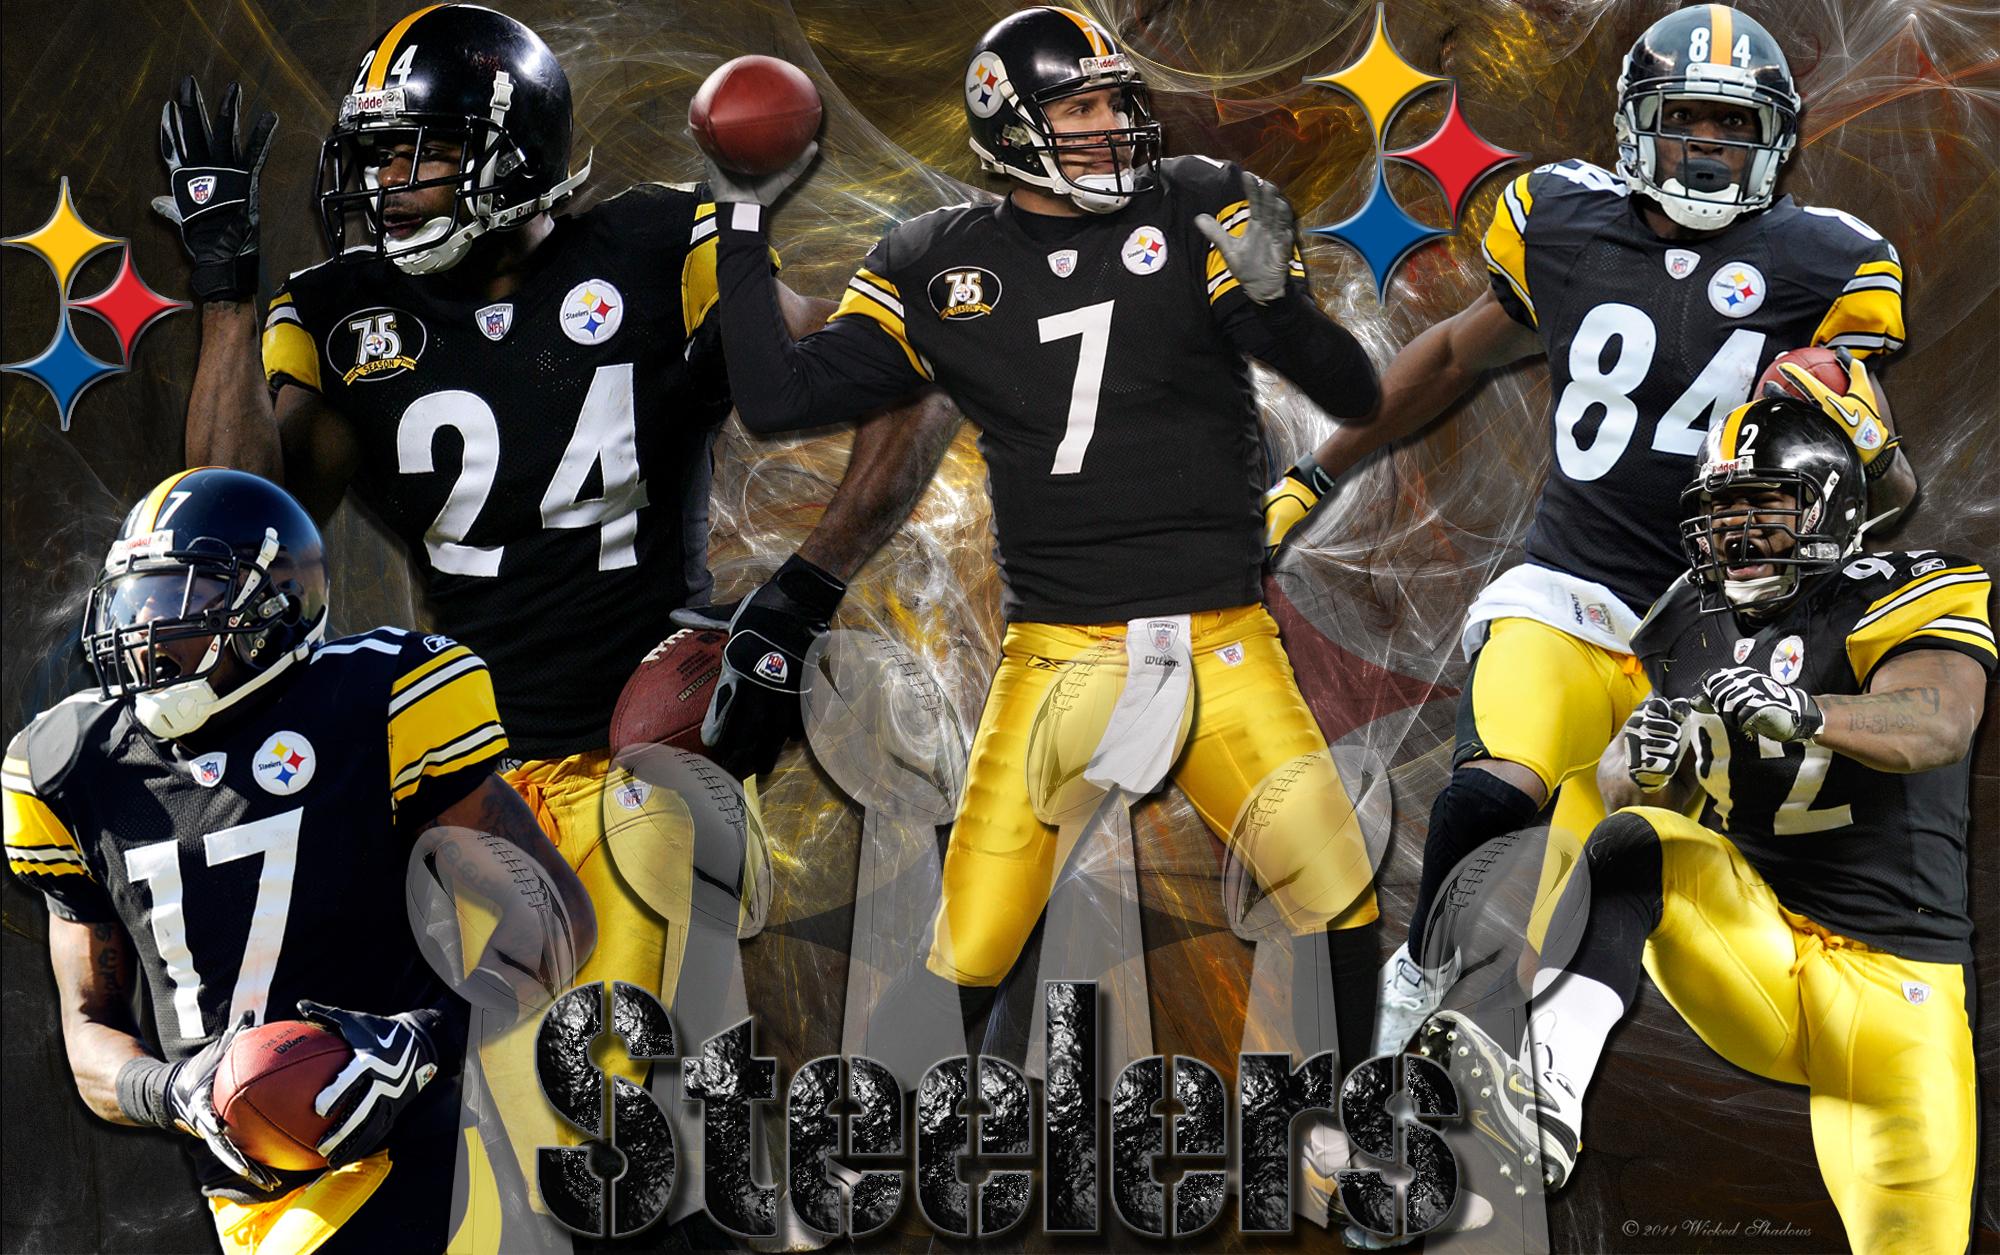 [49+] Pittsburgh Steelers Antonio Brown Wallpaper on ...